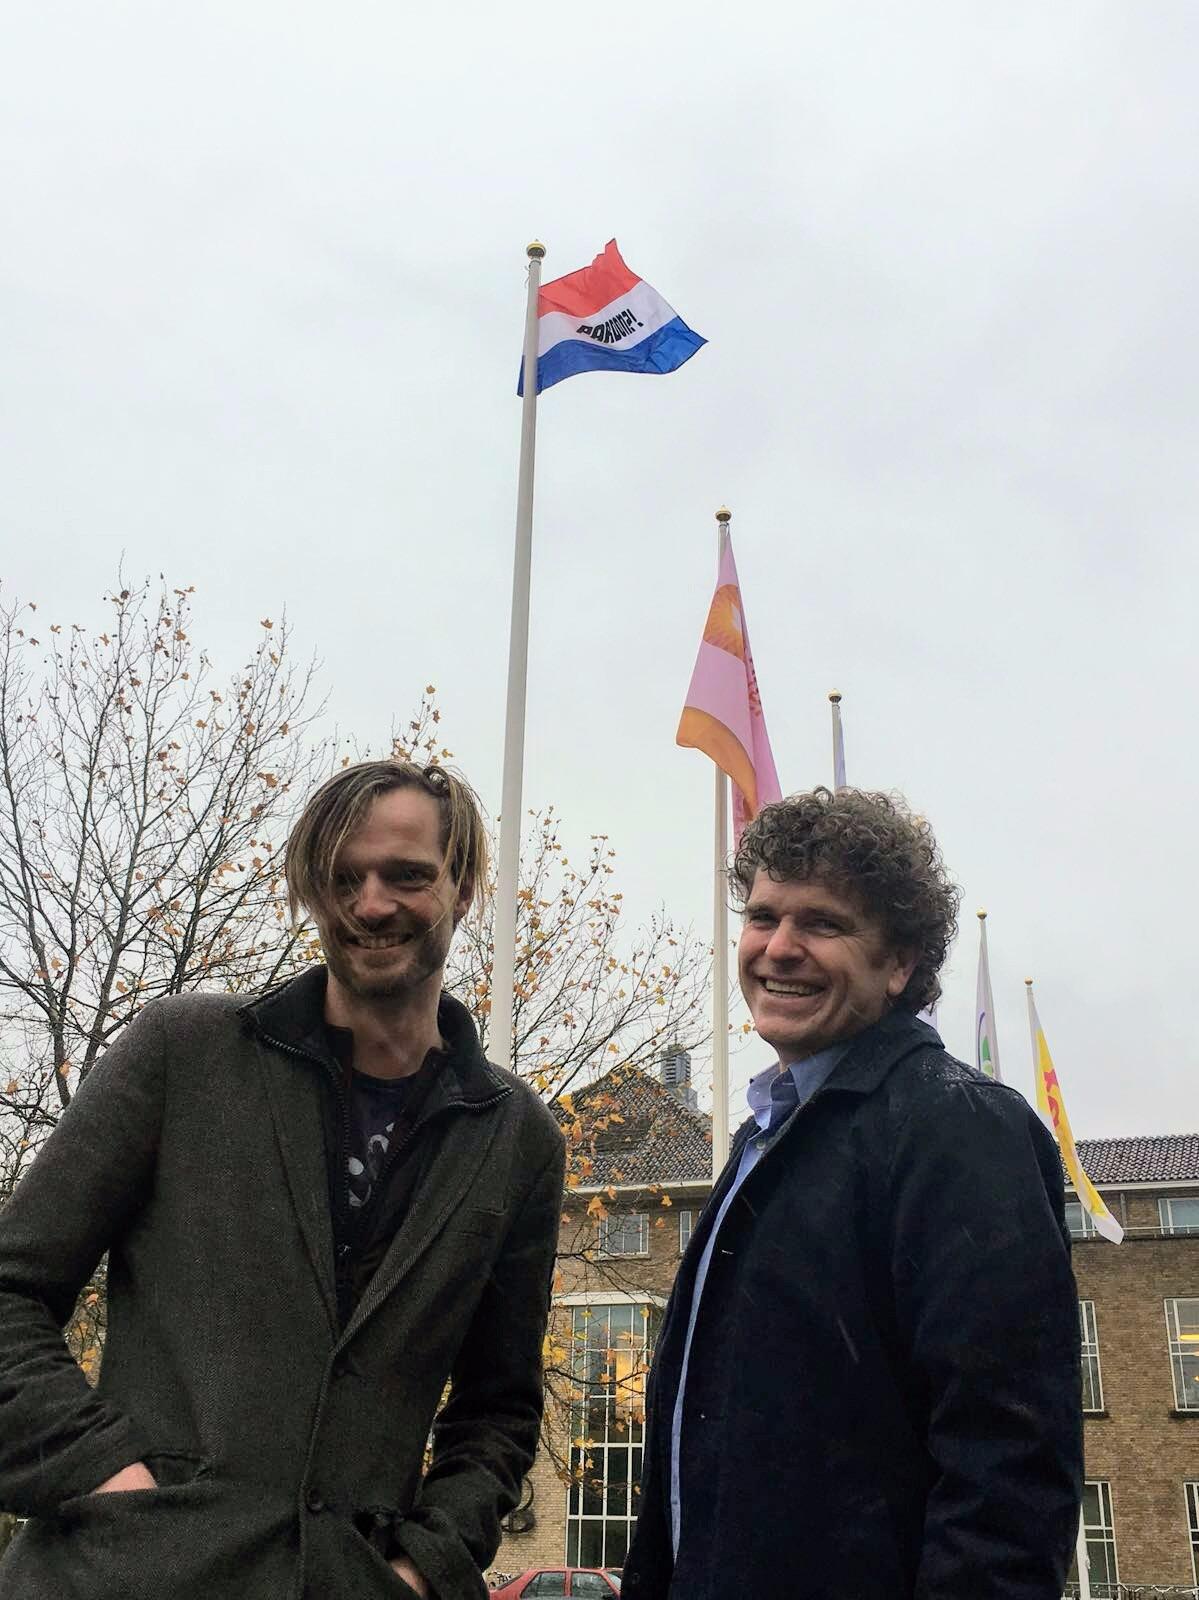 Joep en Rikko hangen vlag uit